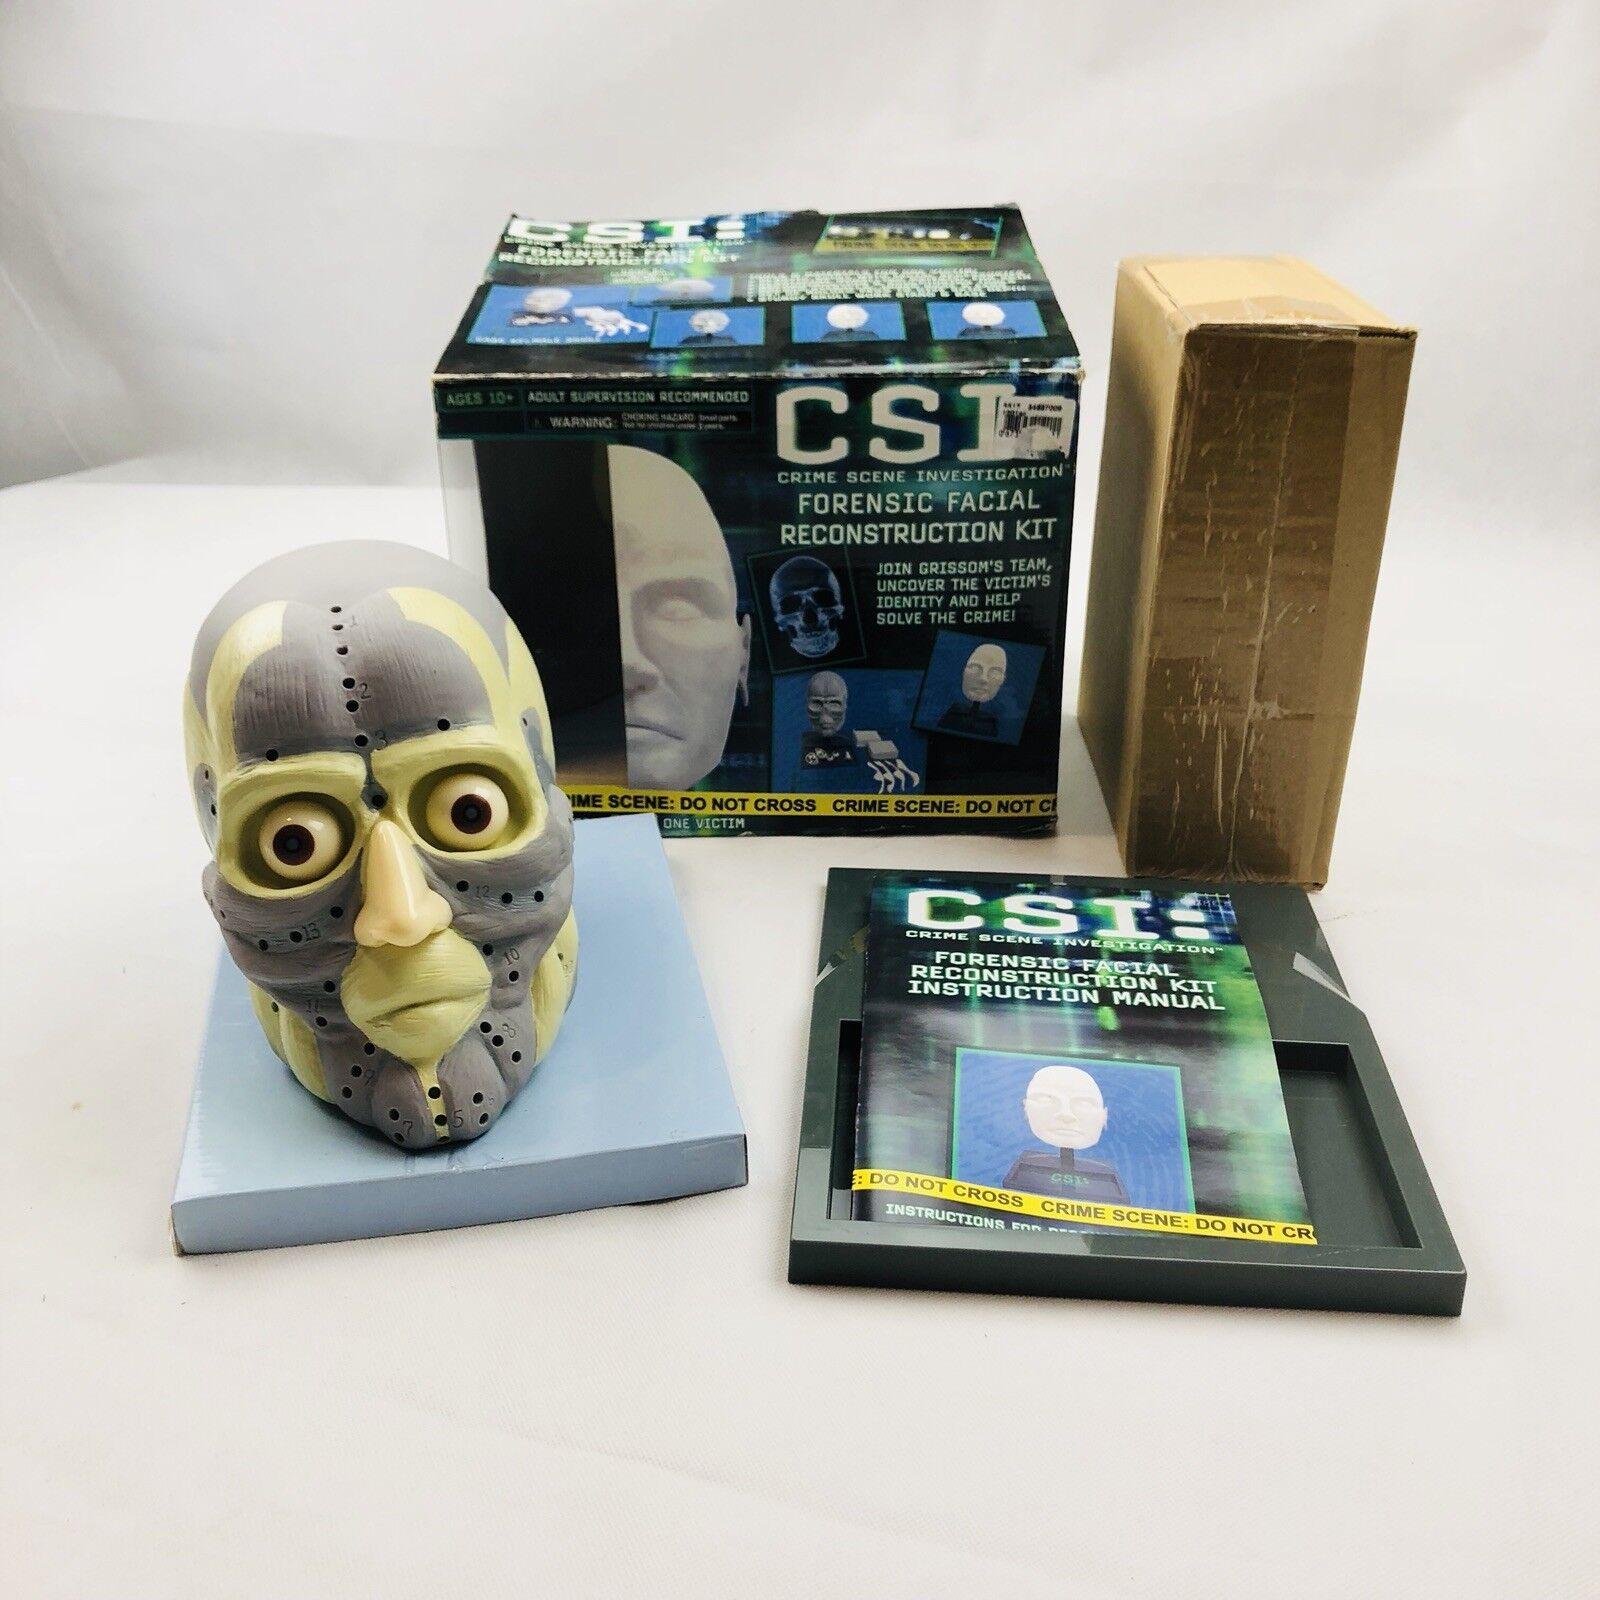 edizione limitata a caldo CSI Crime Scene Investigation Forensic Facial Reconstruction Kit nuovo nuovo nuovo Open scatola  rivenditore di fitness